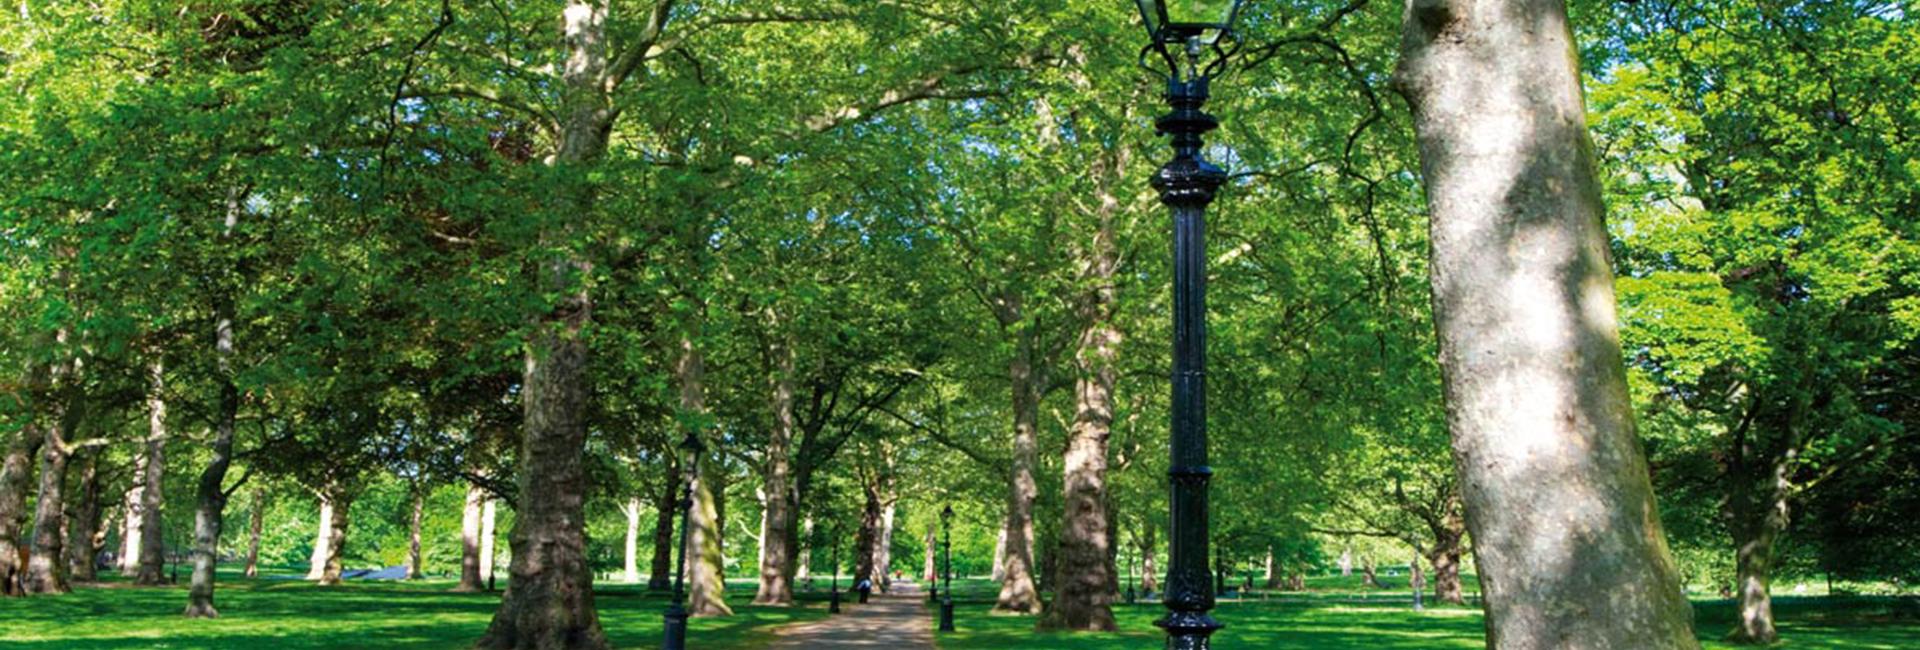 header-trees